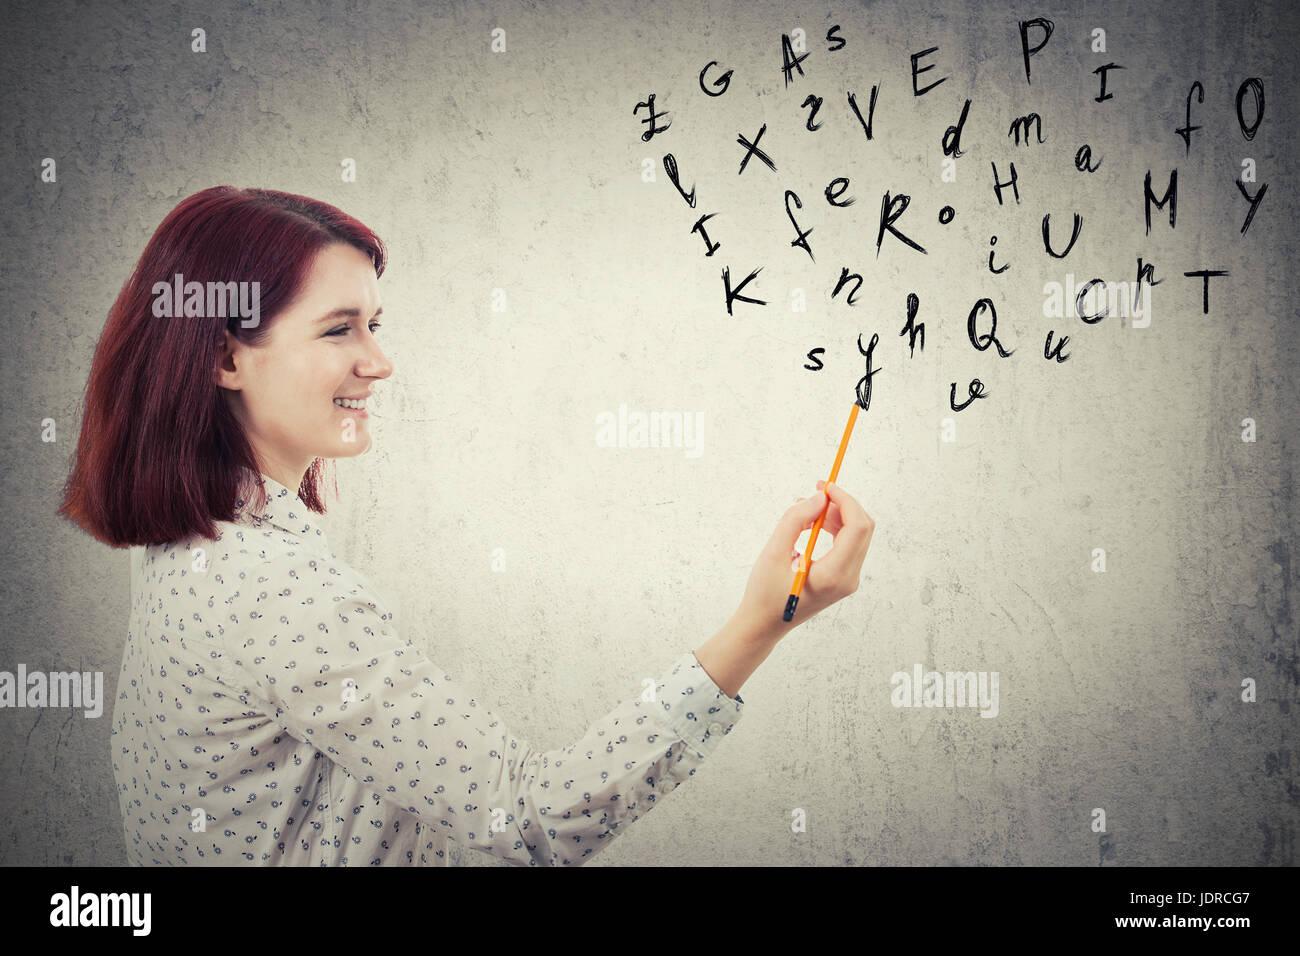 Giovane imprenditrice, tenendo in mano una matita in mano disegno lettere dell'alfabeto. Educazione e comunicazione Immagini Stock